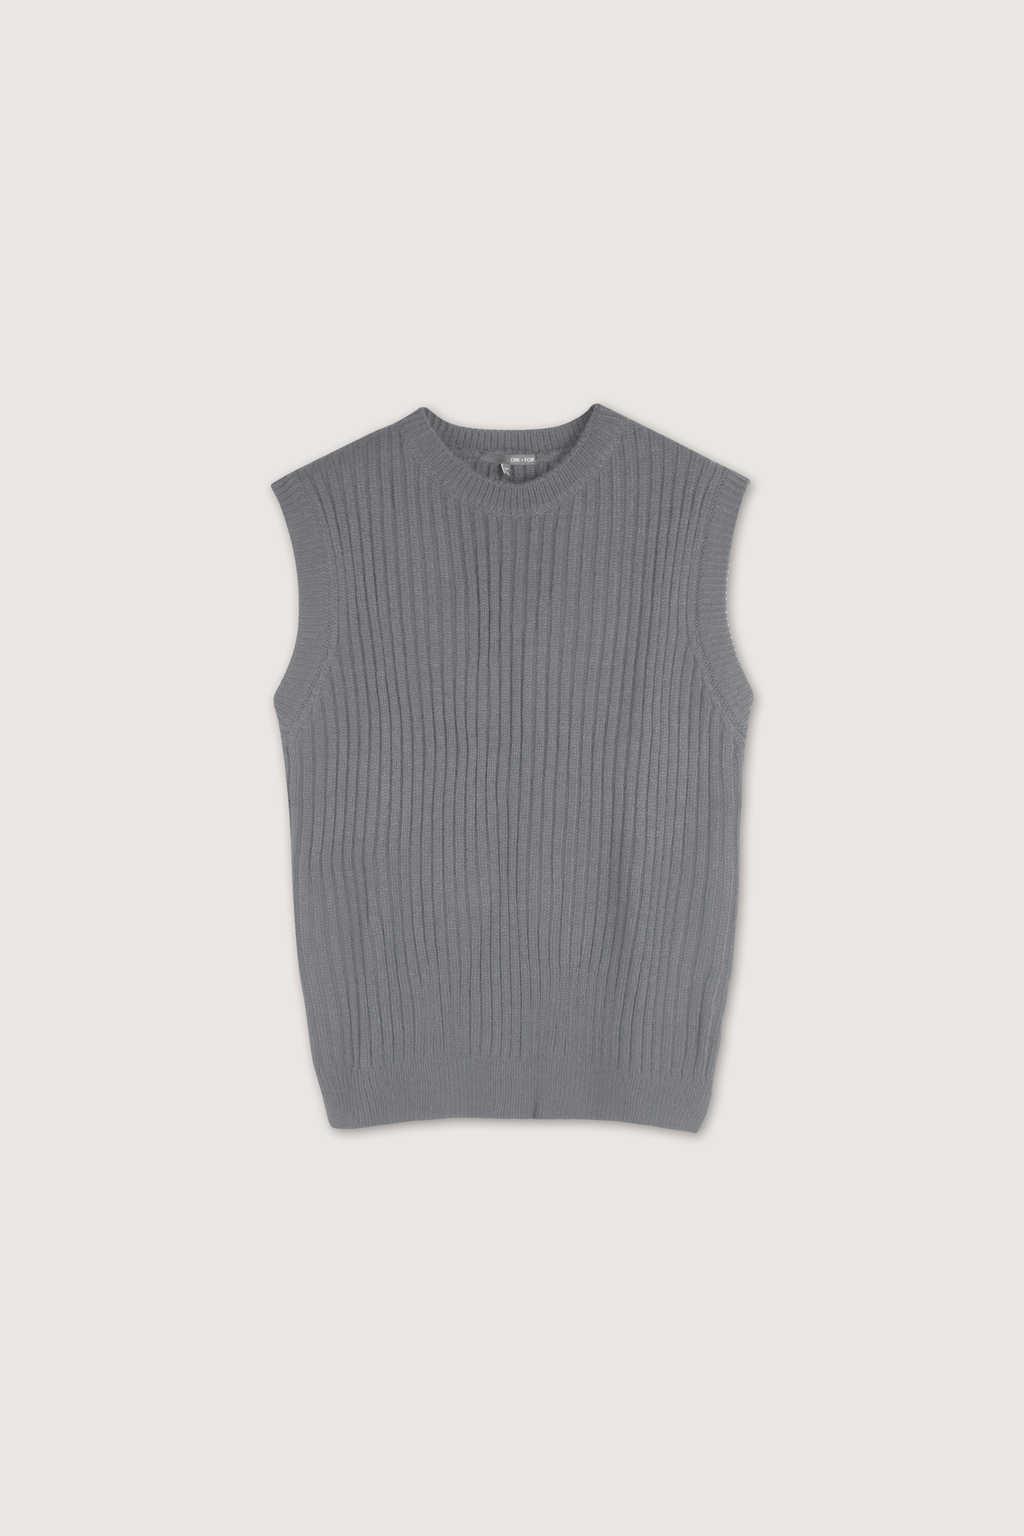 Vest H004 Gray 12